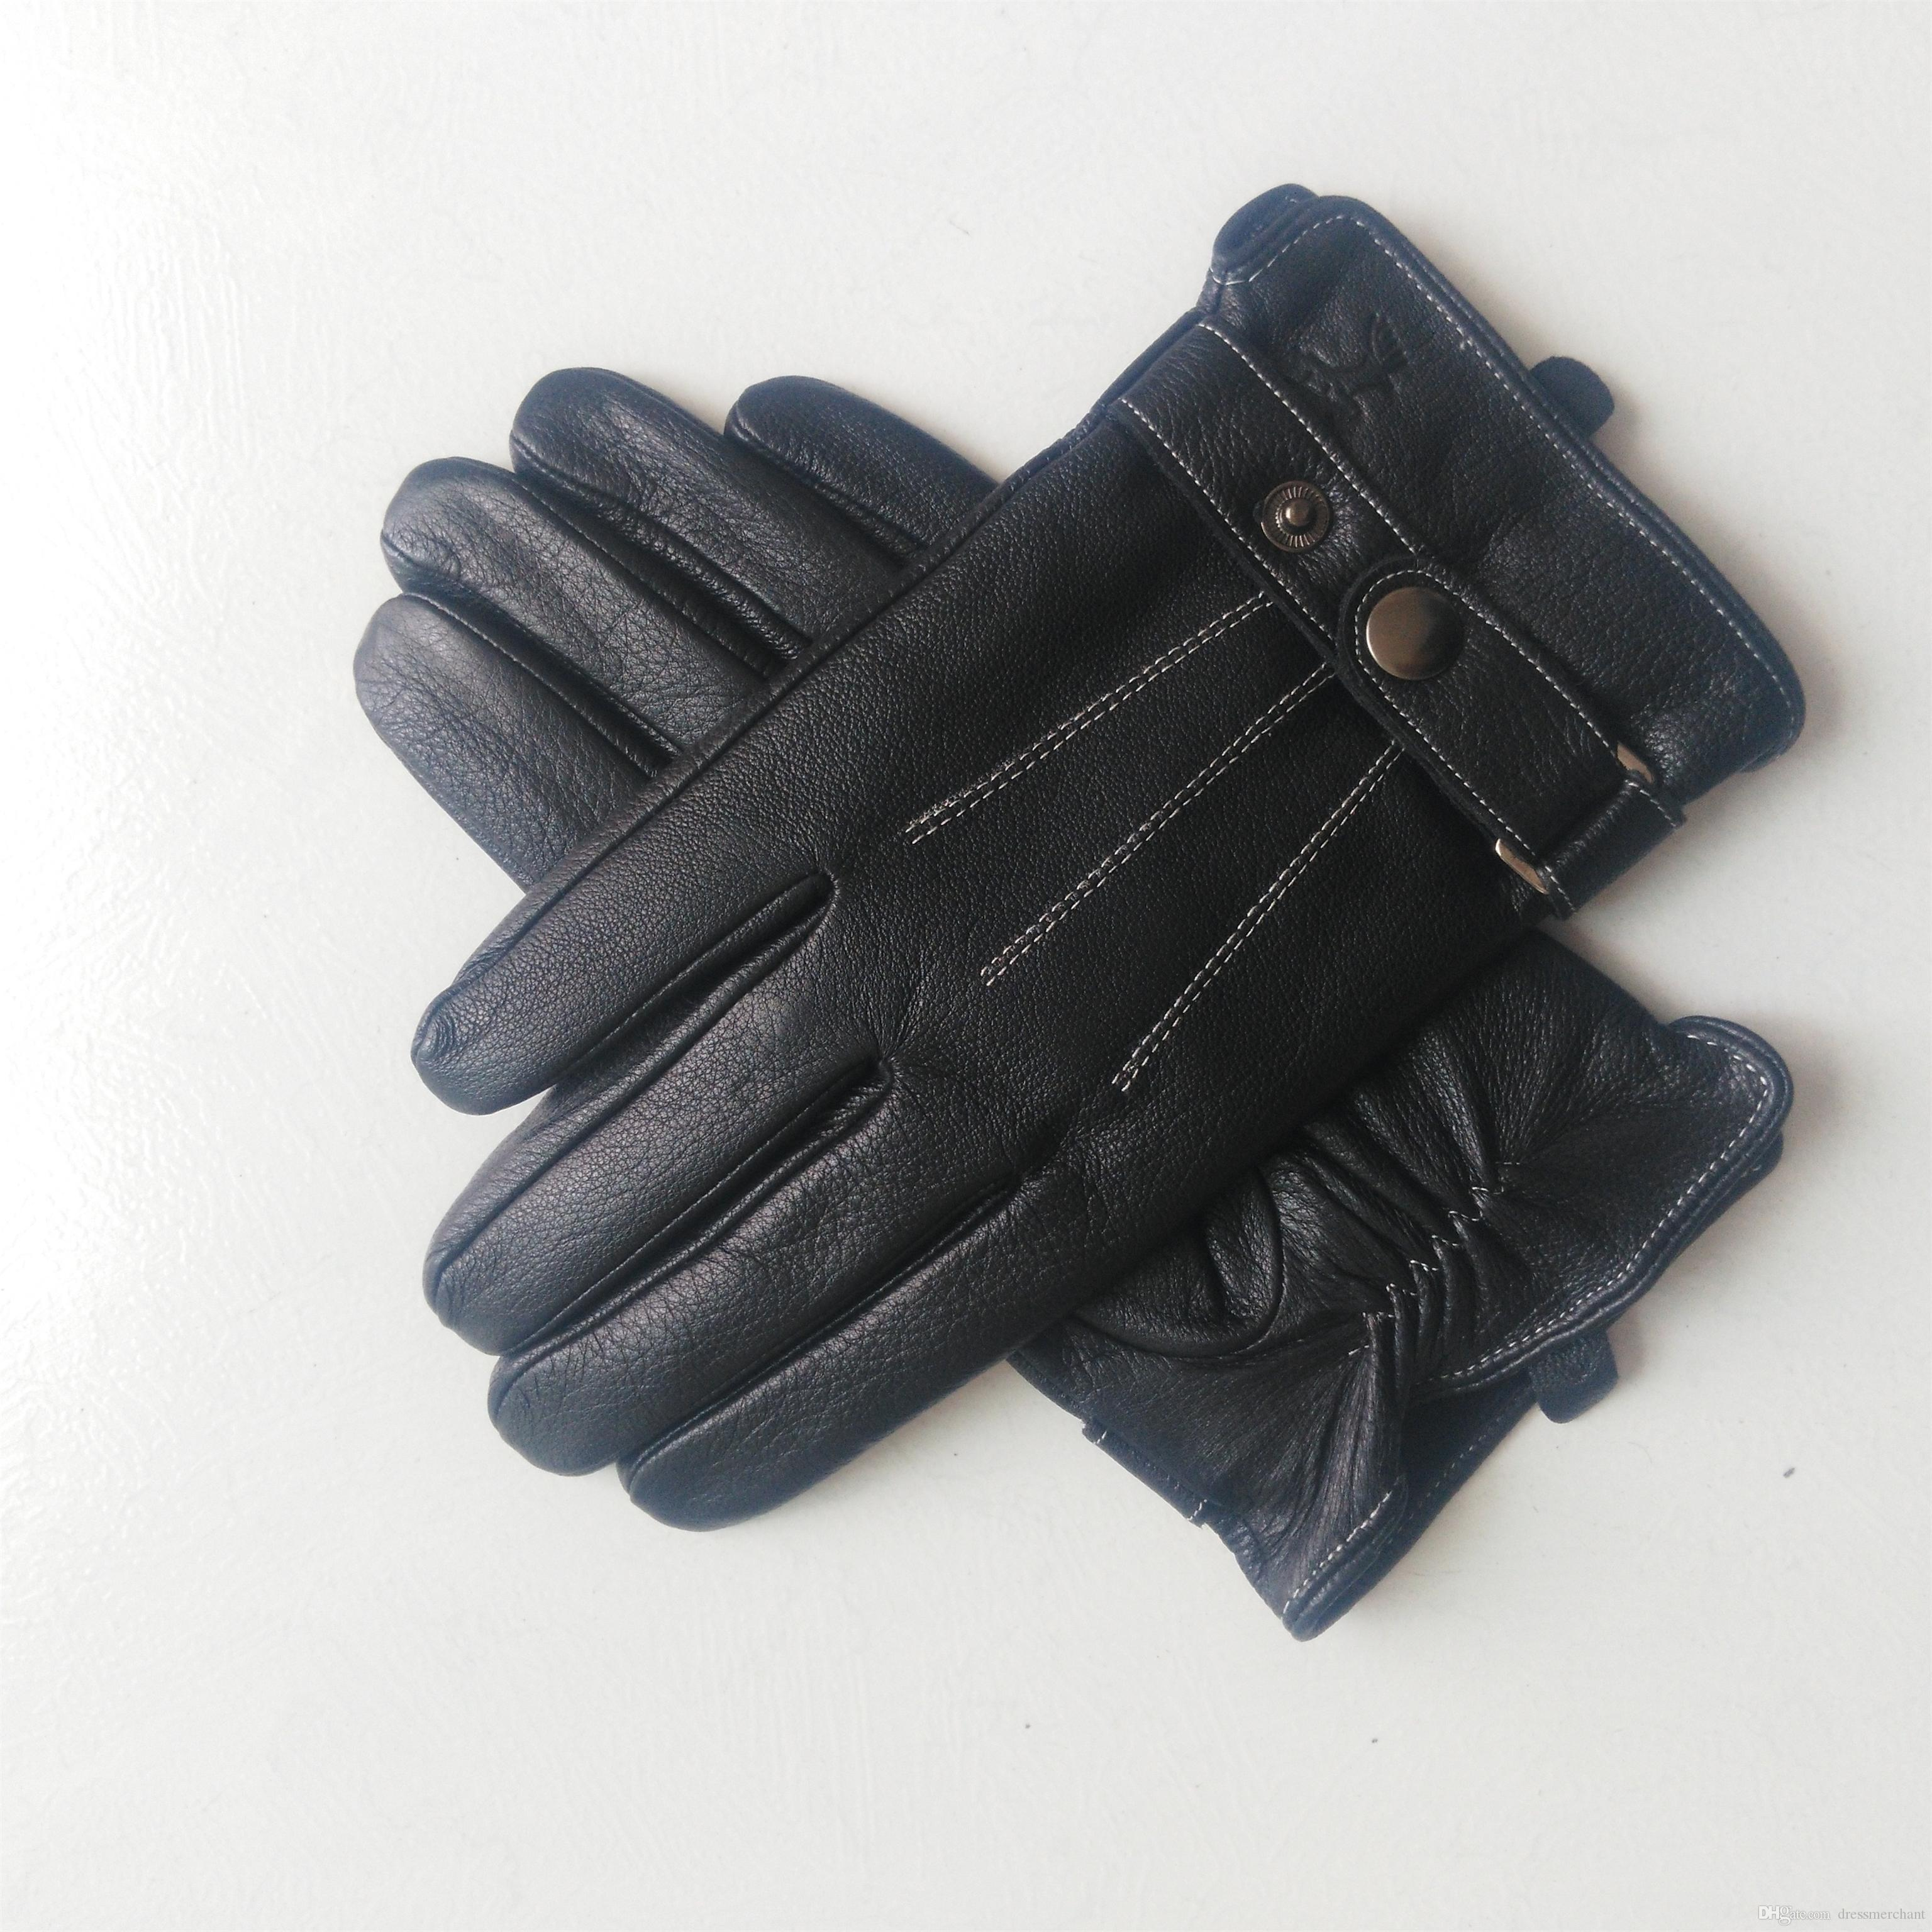 Erkek deri giyim eldivenleri sonbahar ve kış sıcak koyun derisi eldivenleri moda spor eldivenleri